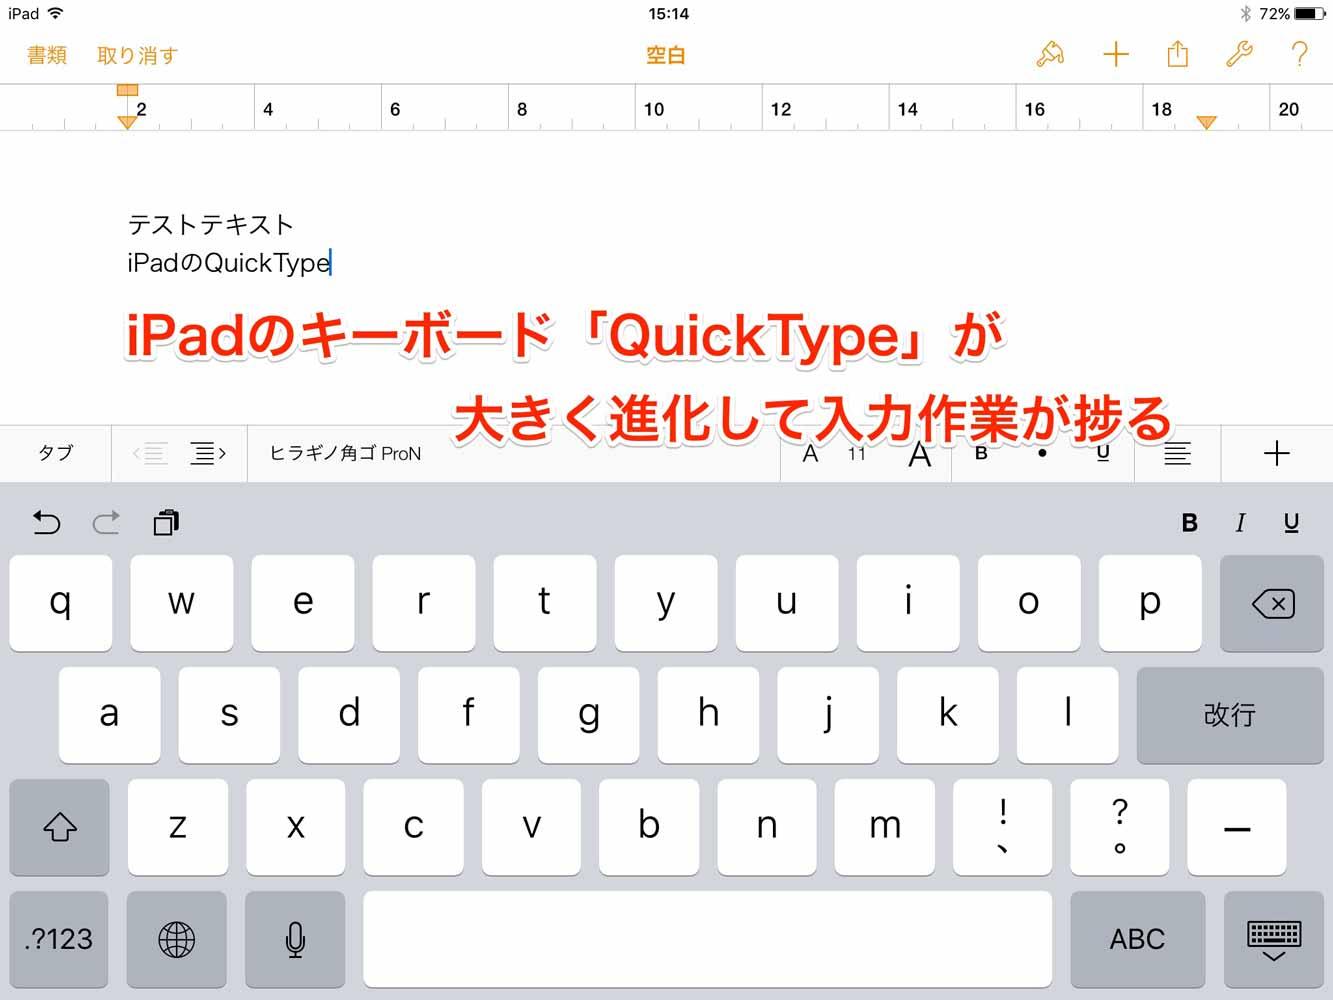 iOS 9の新機能:iPadのキーボード「QuickType」が大きく進化して入力作業が捗る